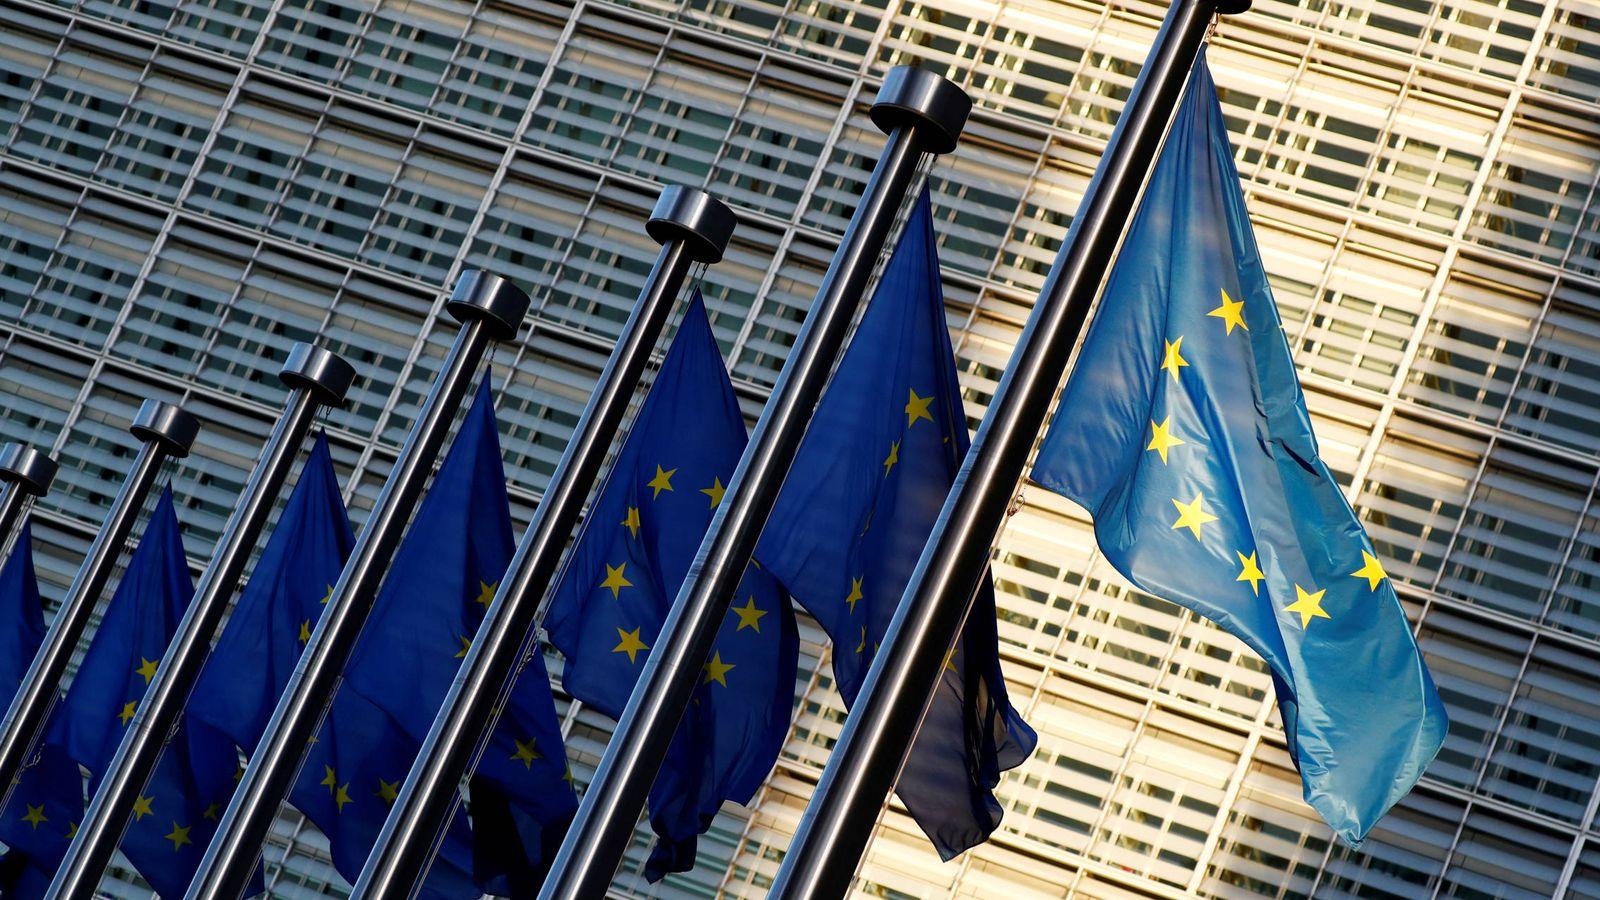 Foto: Banderas de la UE ante la sede de la Comisión Europea, en Bruselas. (Reuters)